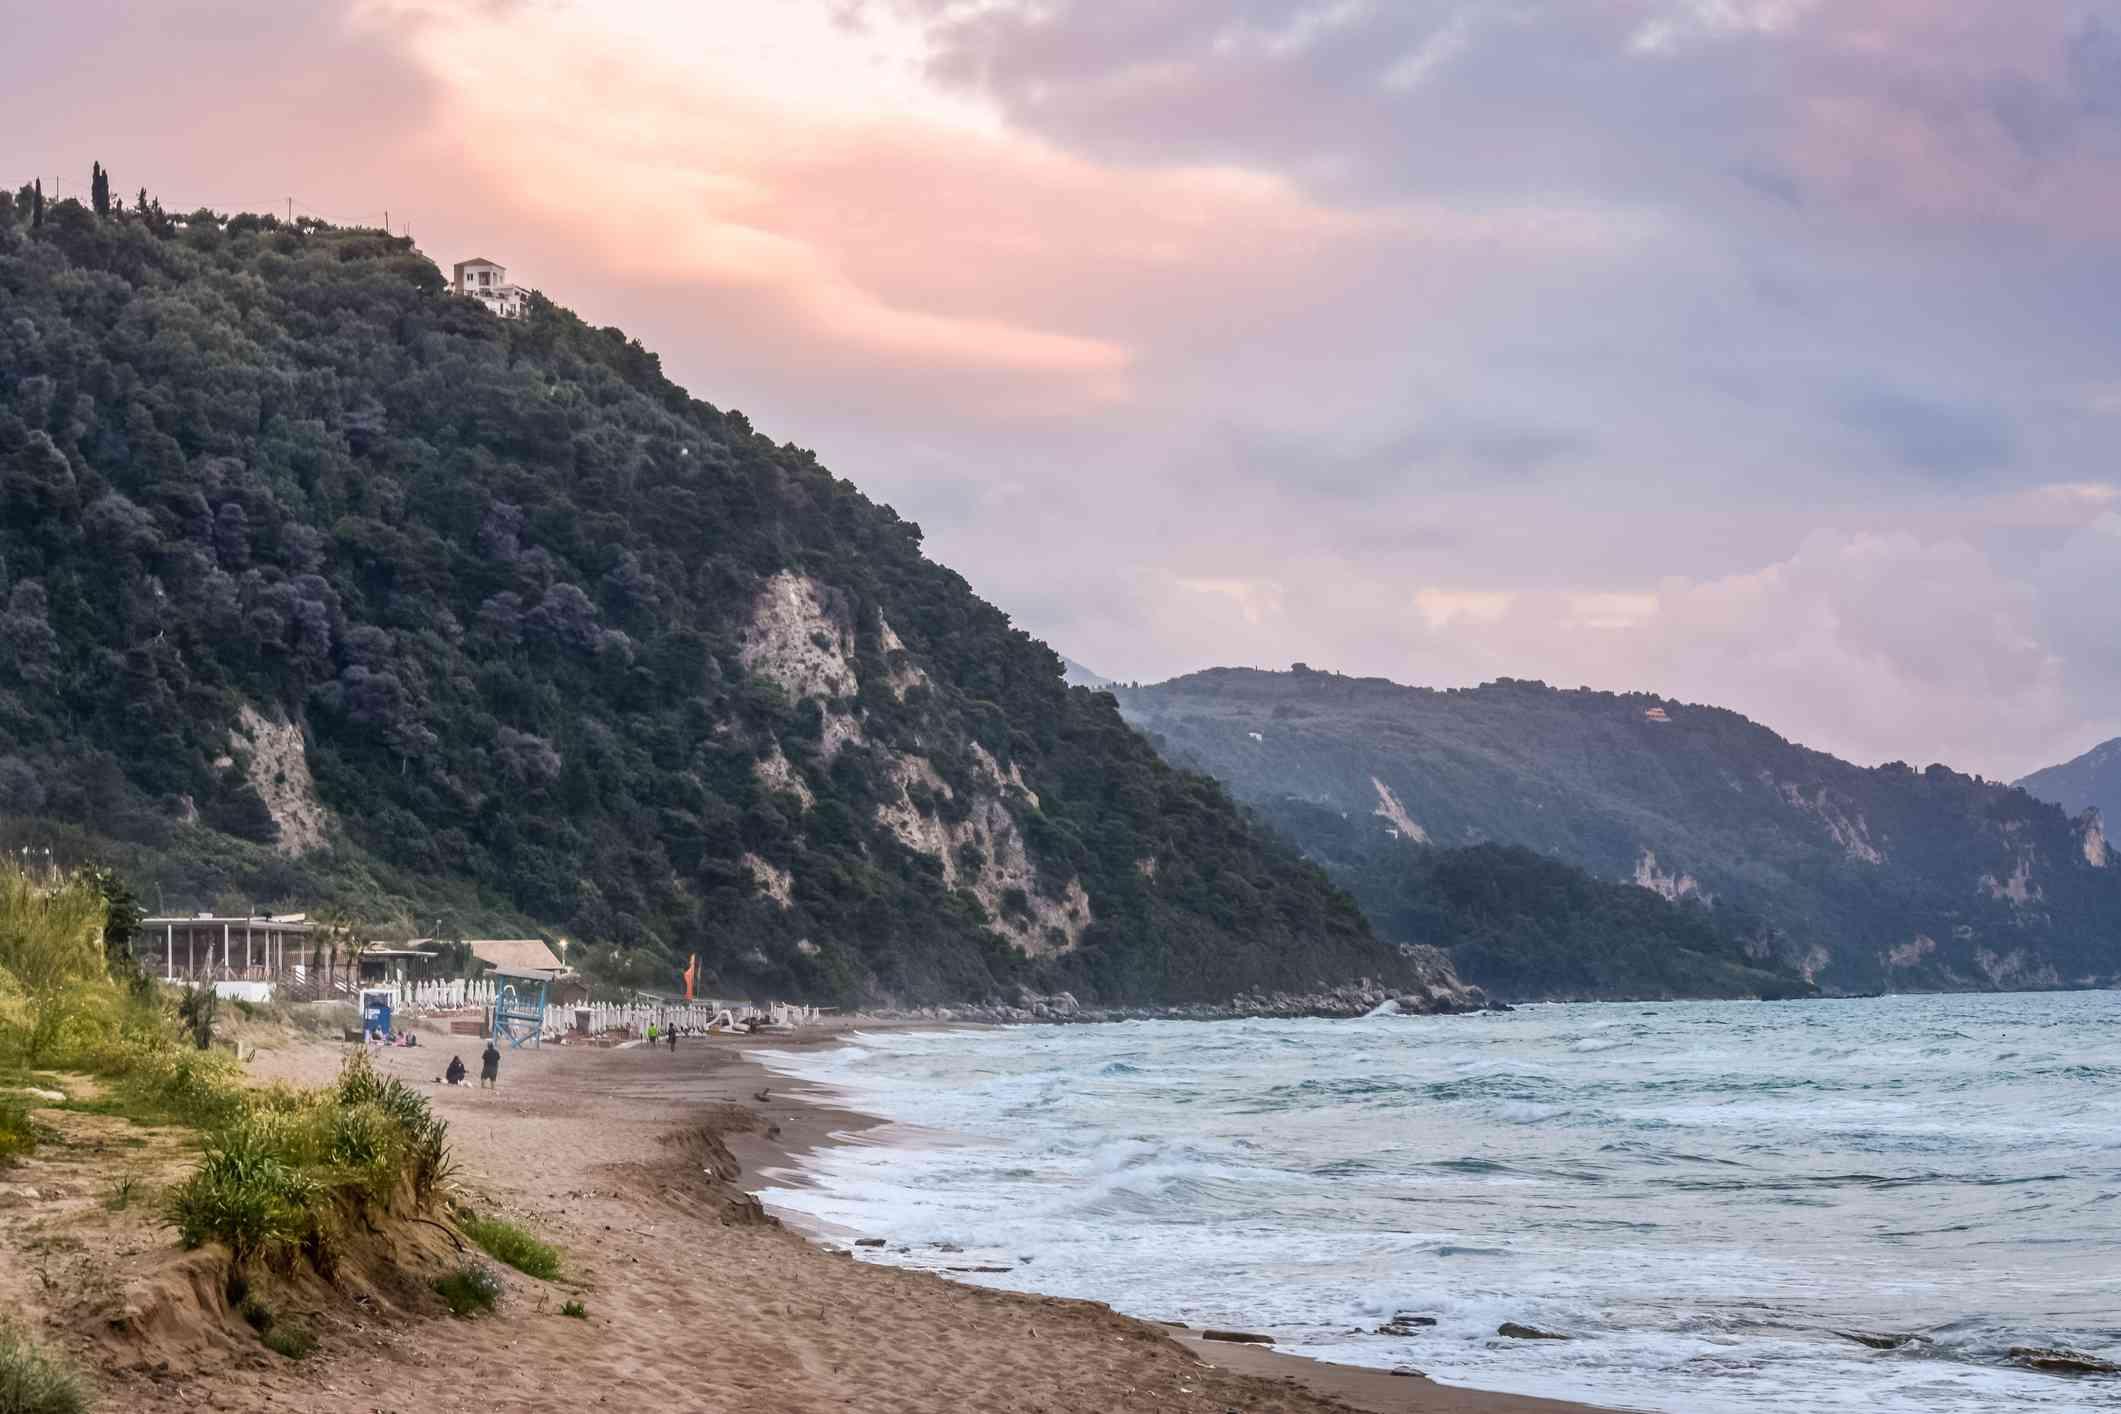 Glyfada beach at sunset